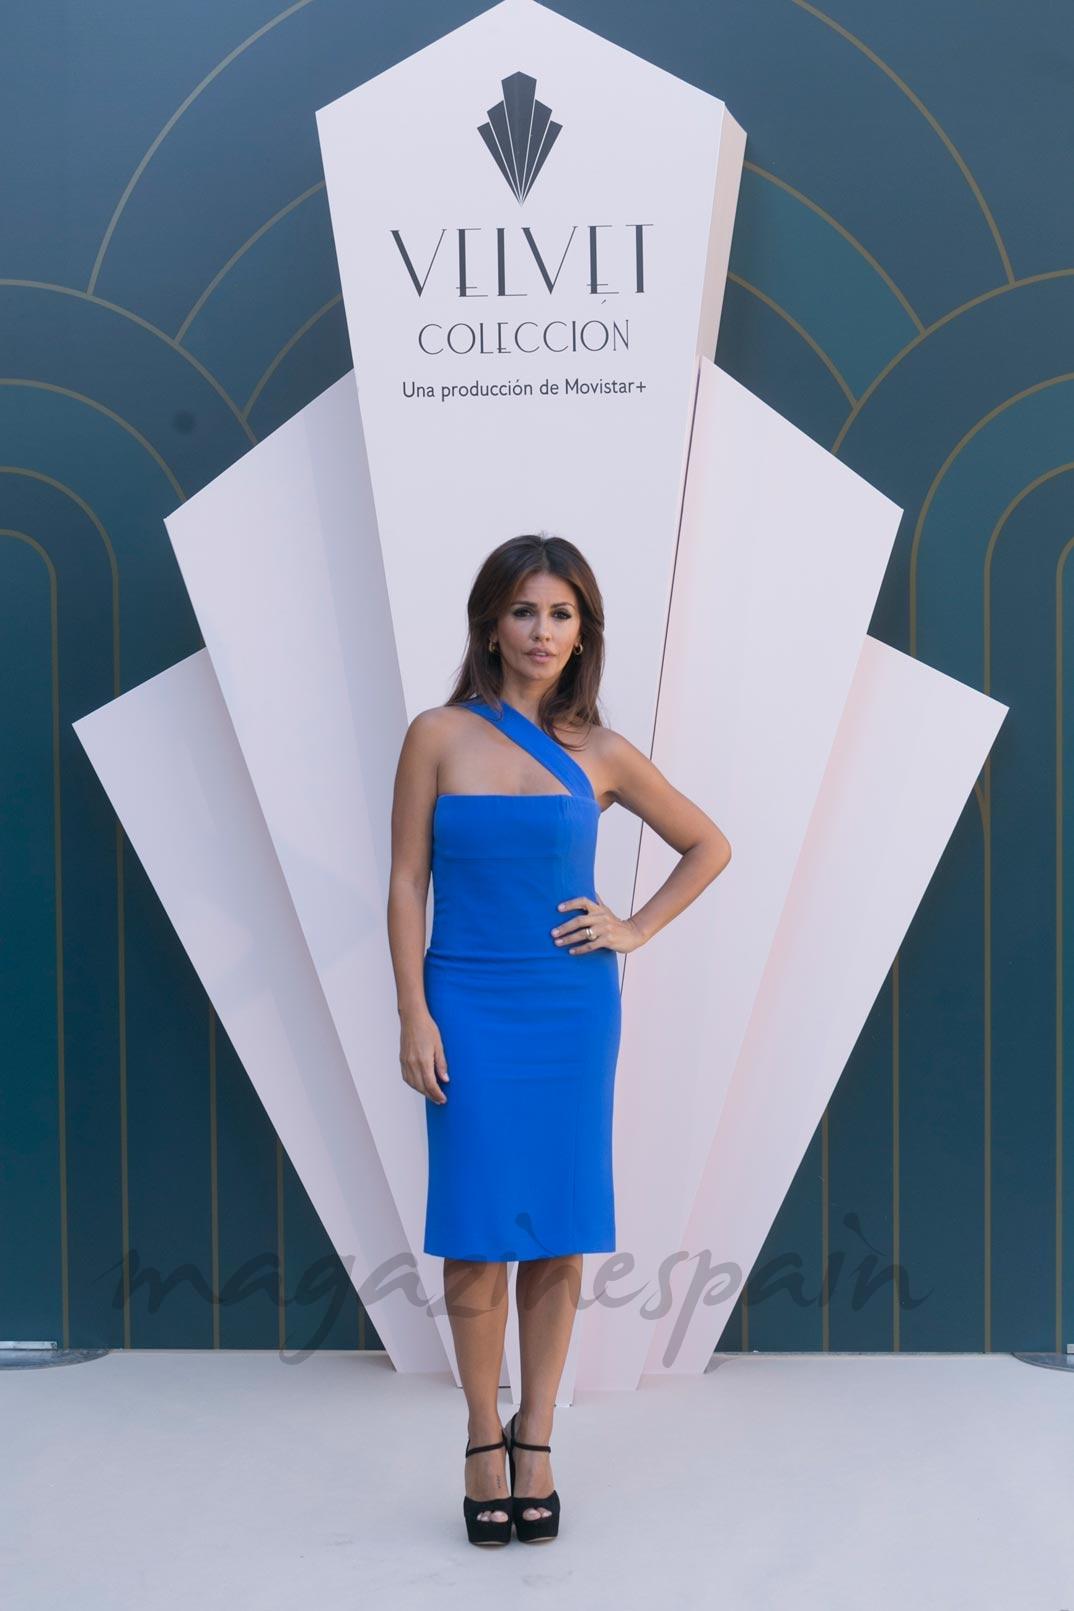 Mónica Cruz - Velvet - Colección